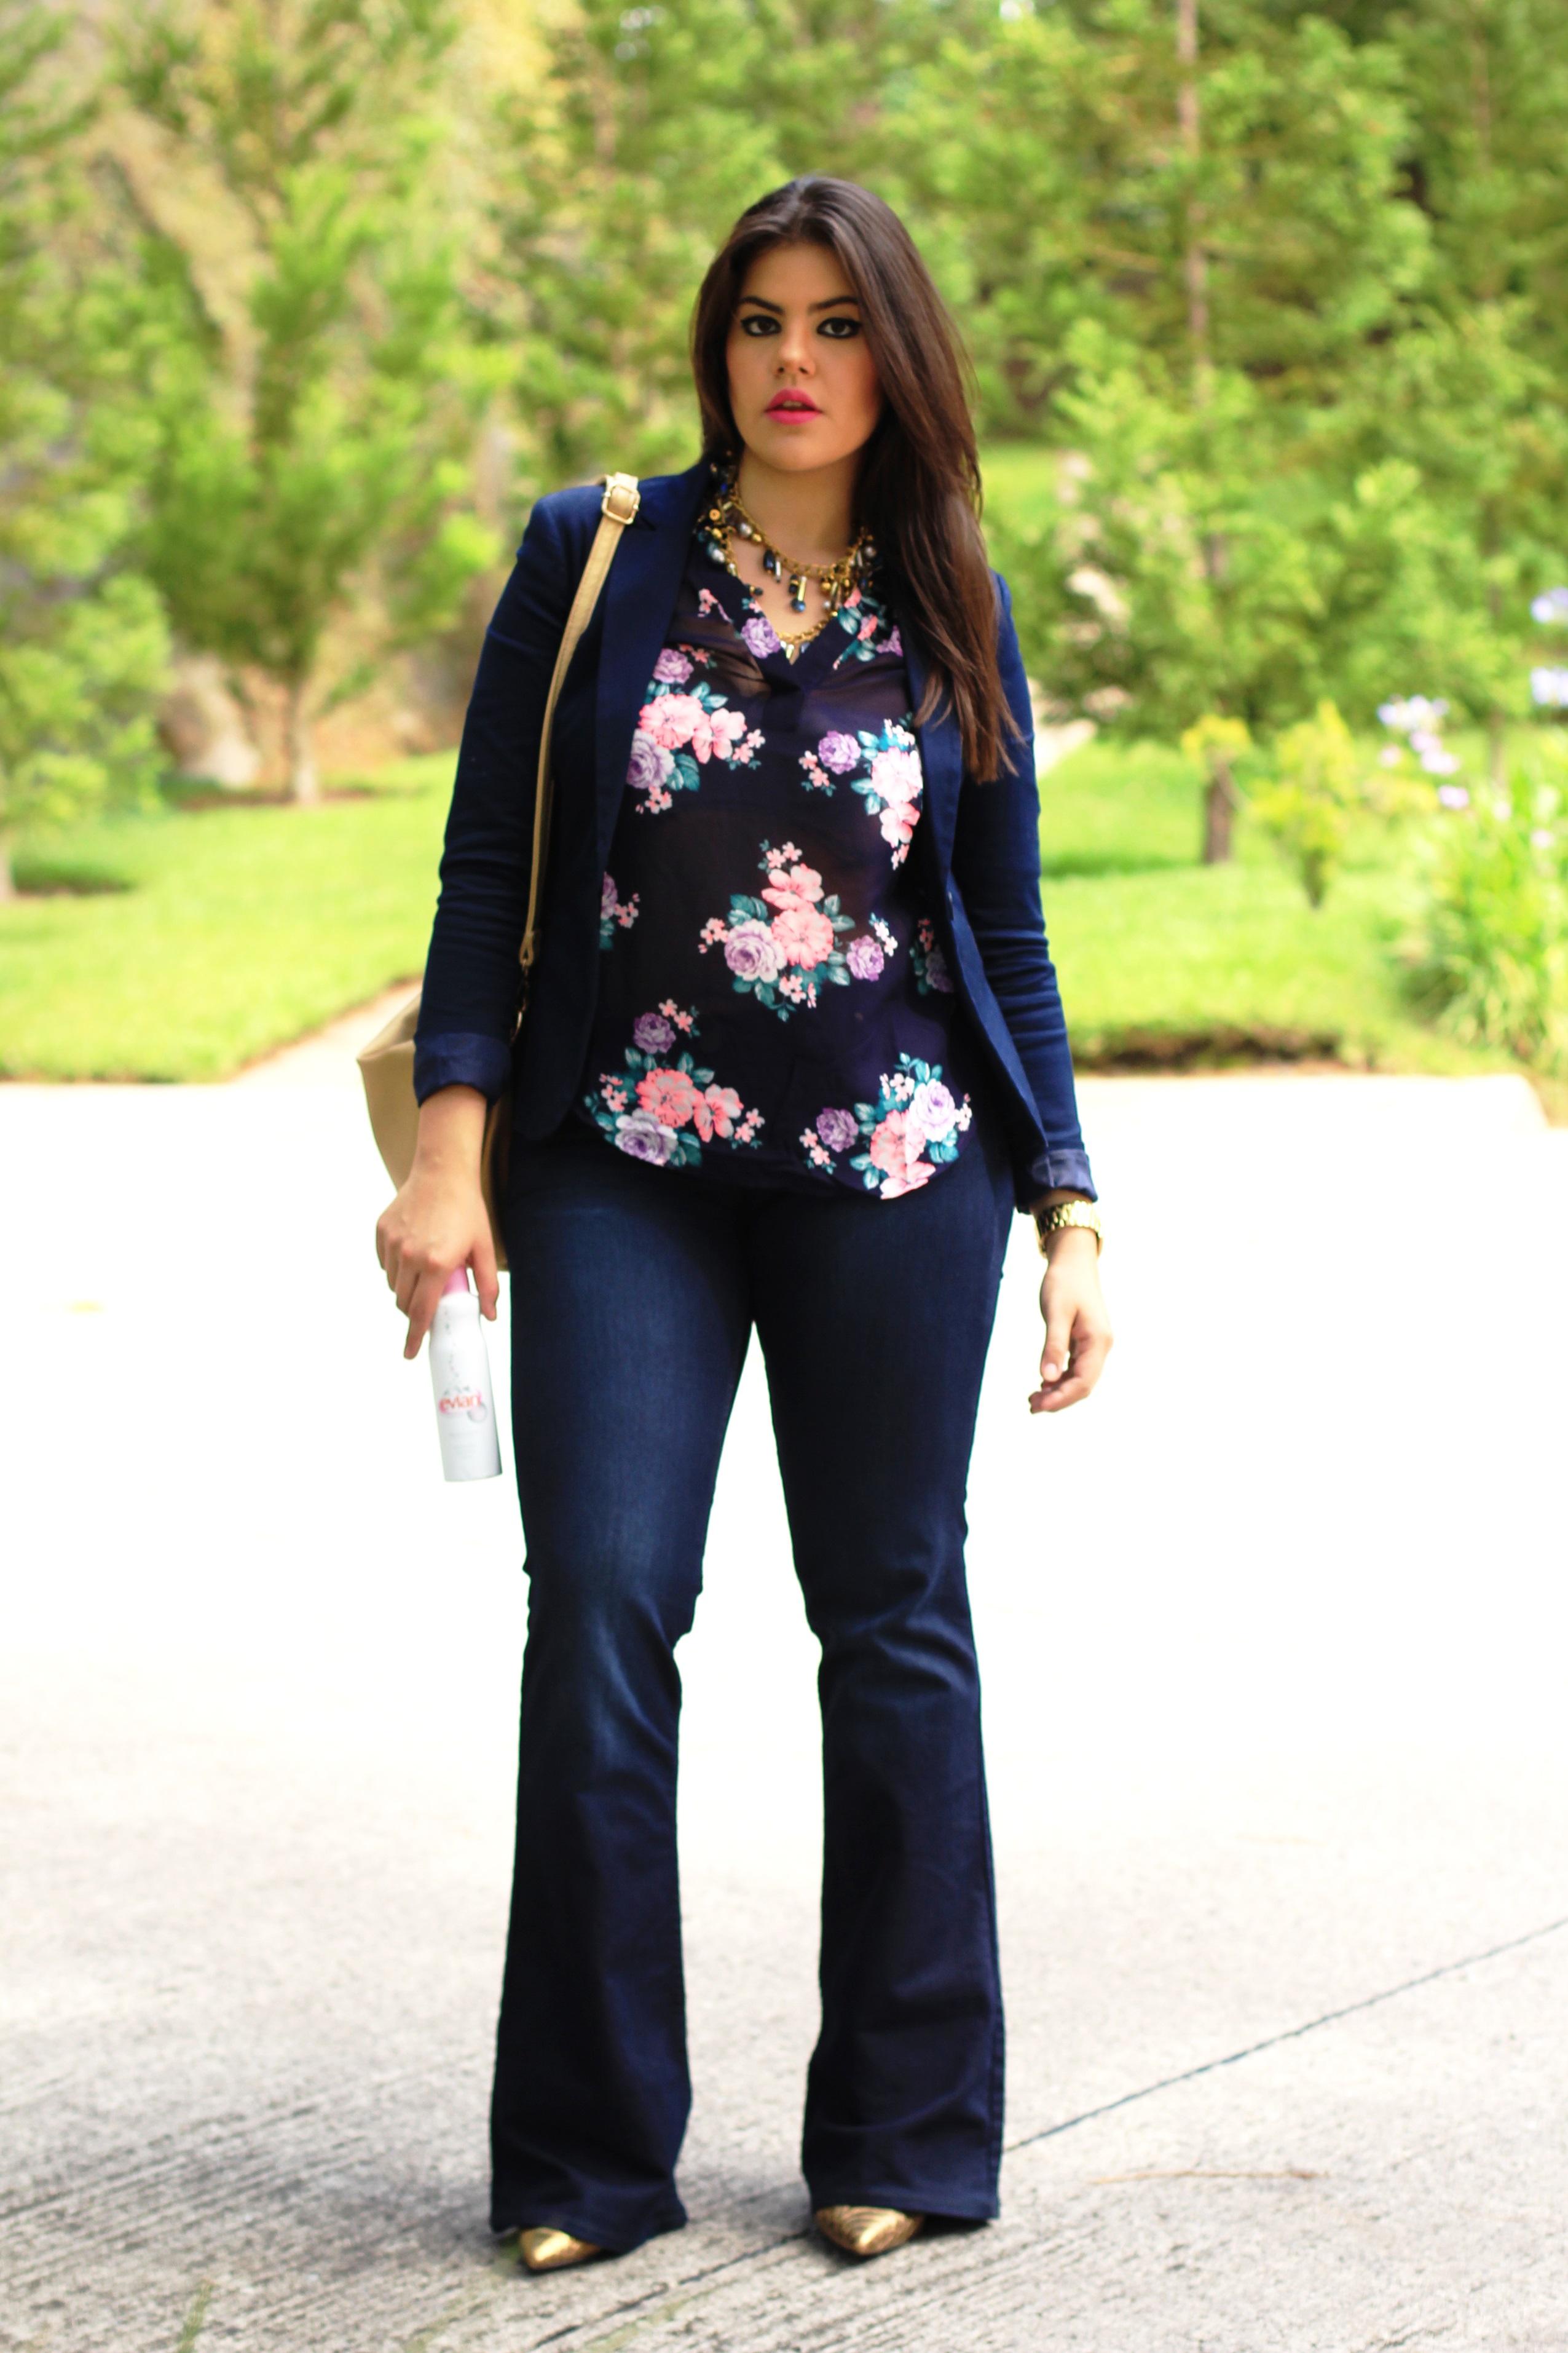 La decidí complementar con mis jeans de campana amplia, un blazer azul marino y accesorios en dorado como la bolsa, el collar y los zapatos.